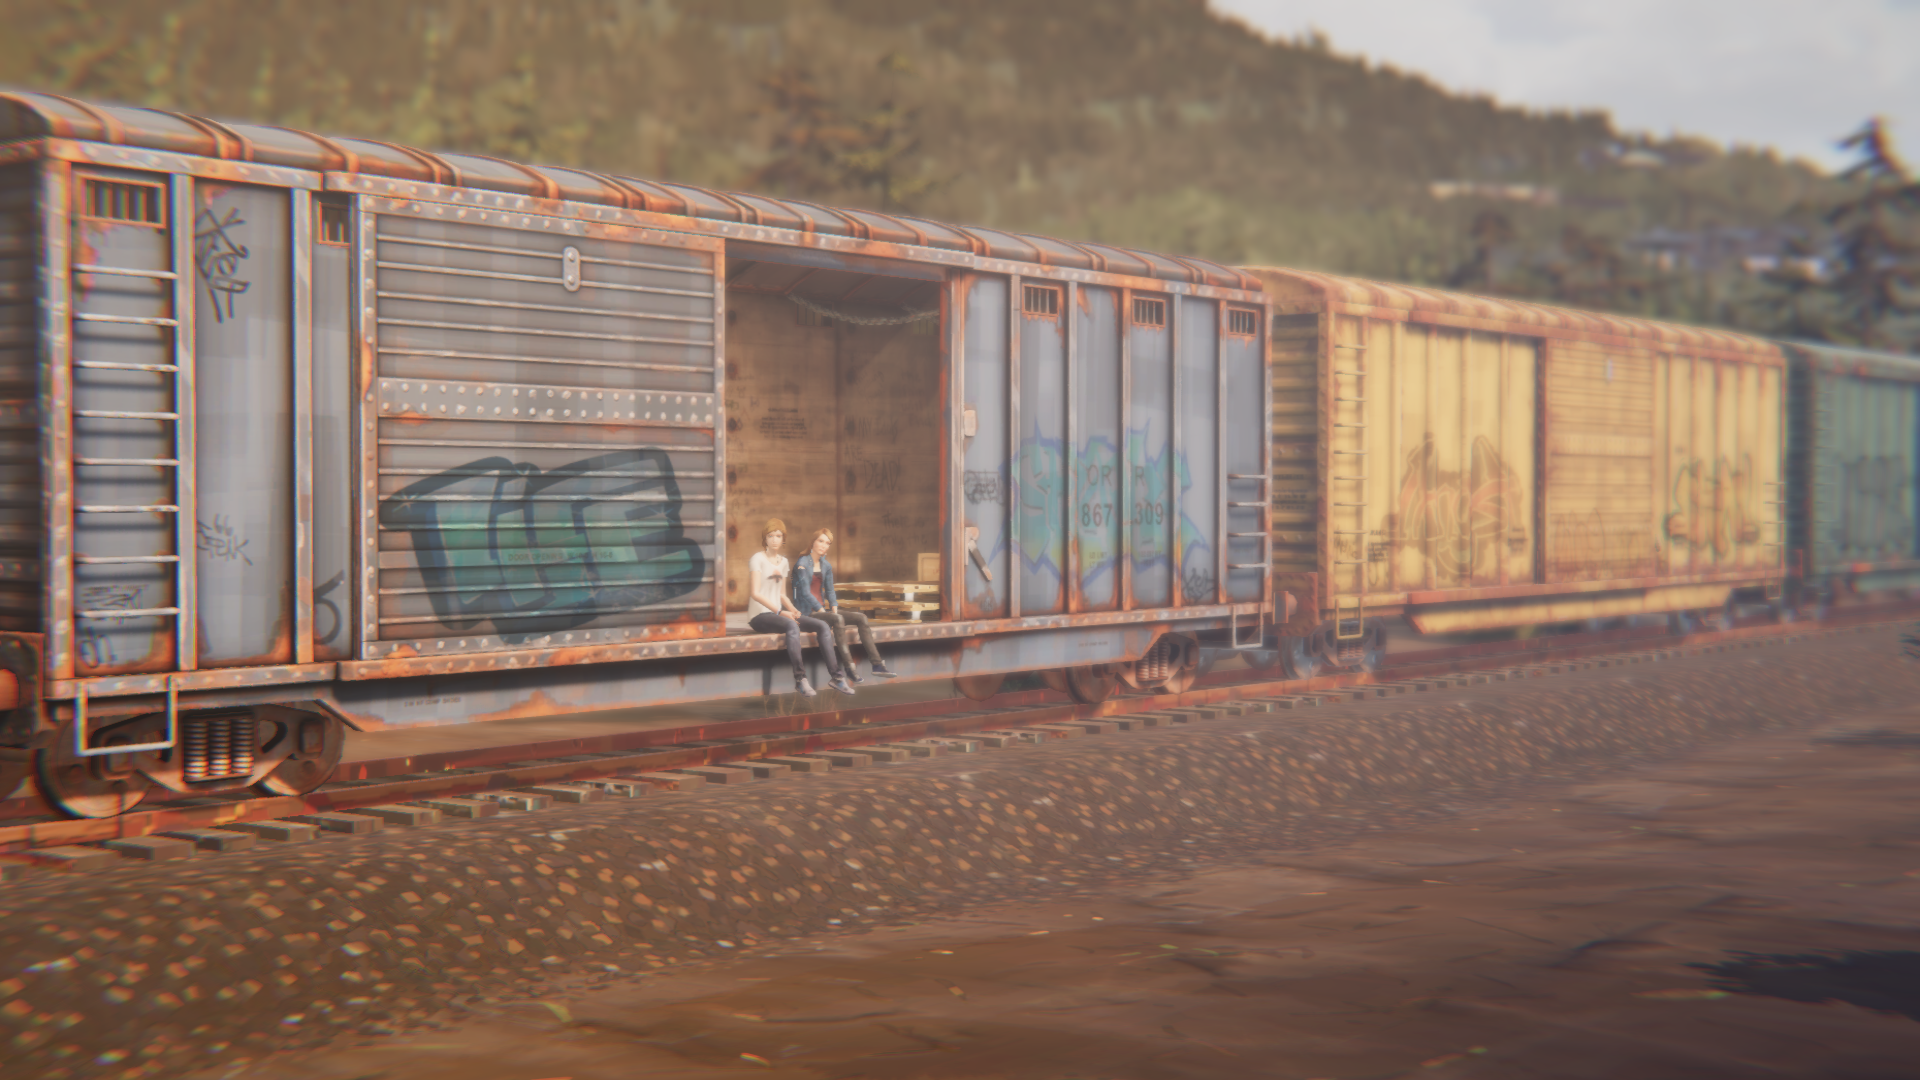 Train-bts-main